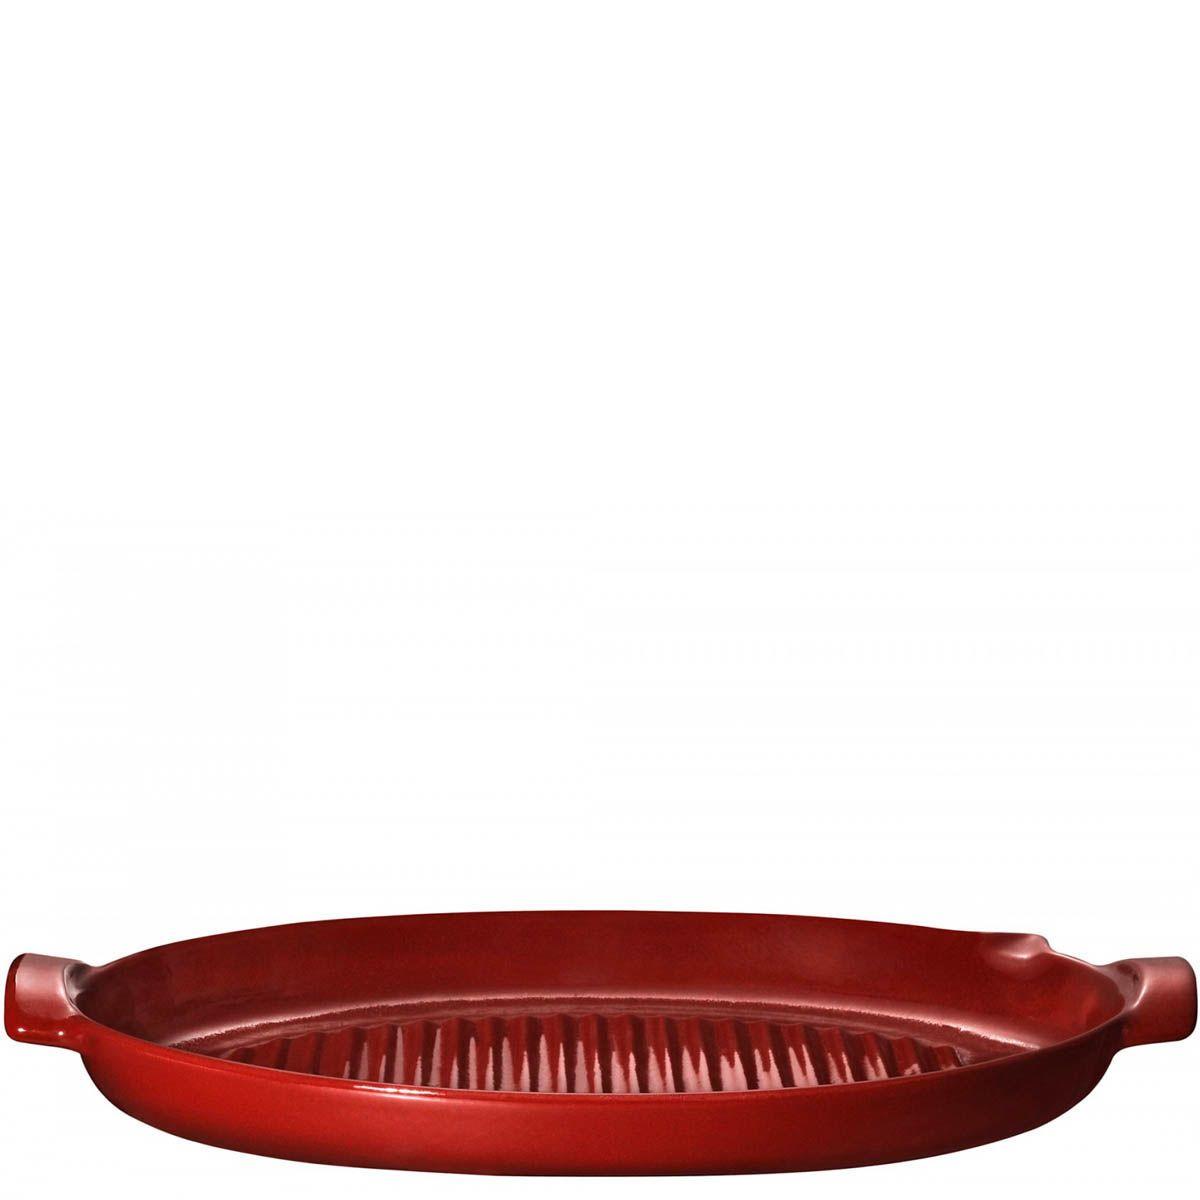 Гриль для рыбы Emile Henry Bbq 50 см керамический красный Rouge